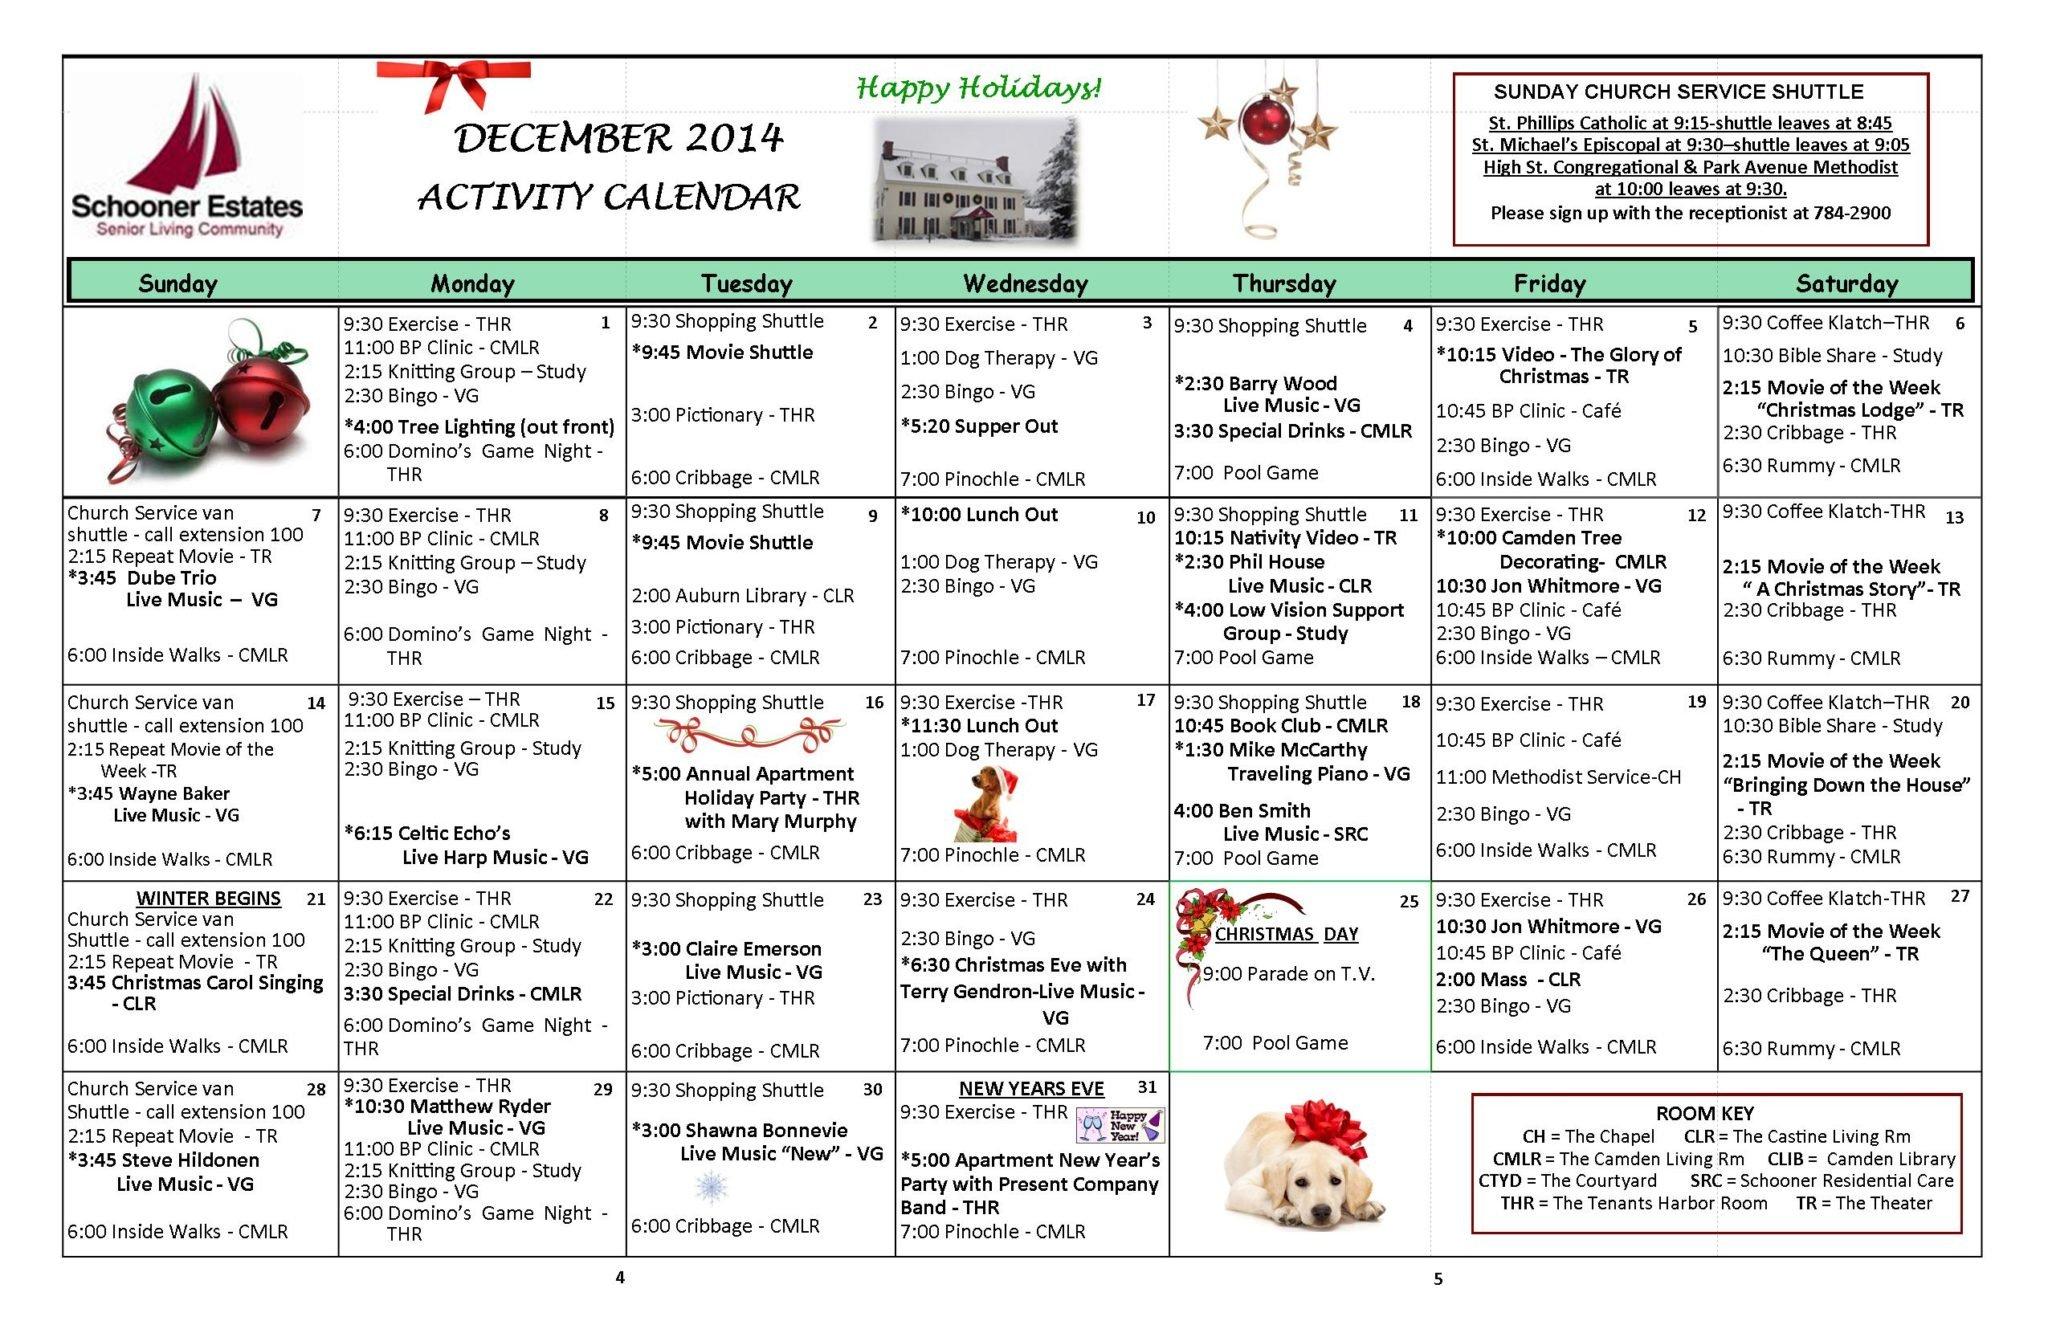 December 2014 activity calendar